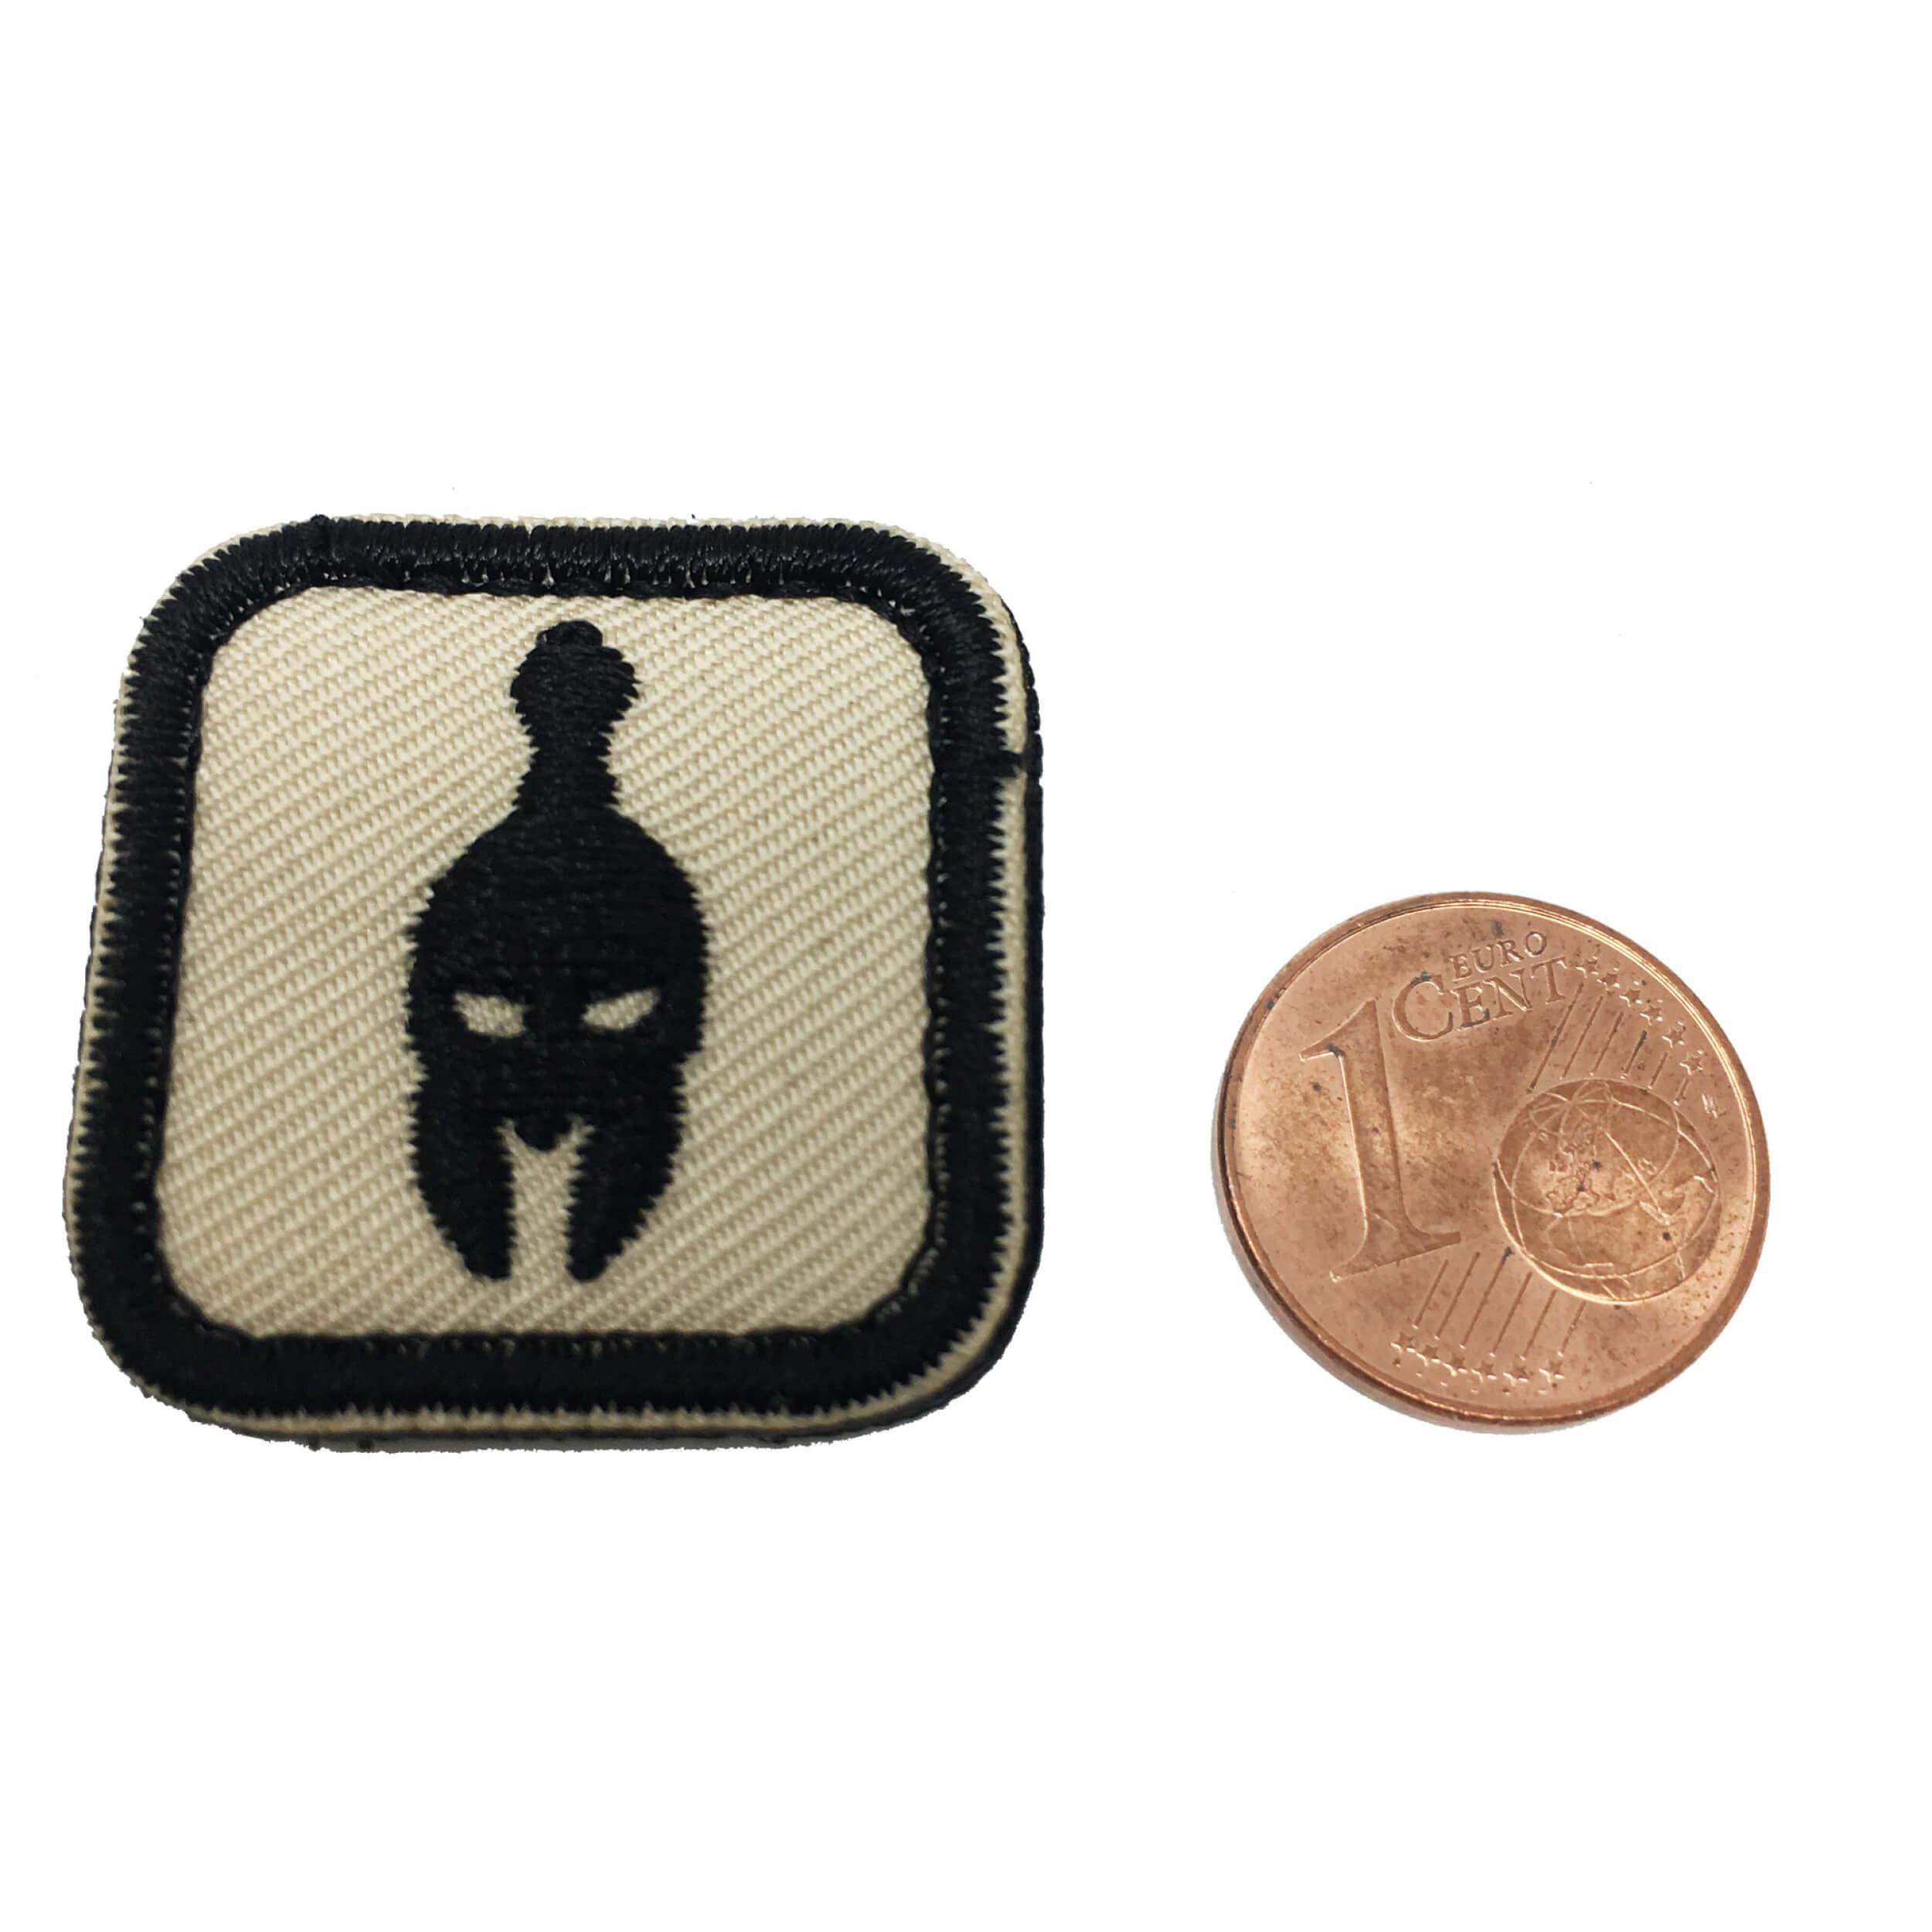 Molon Labe Helm Patch coyote/black